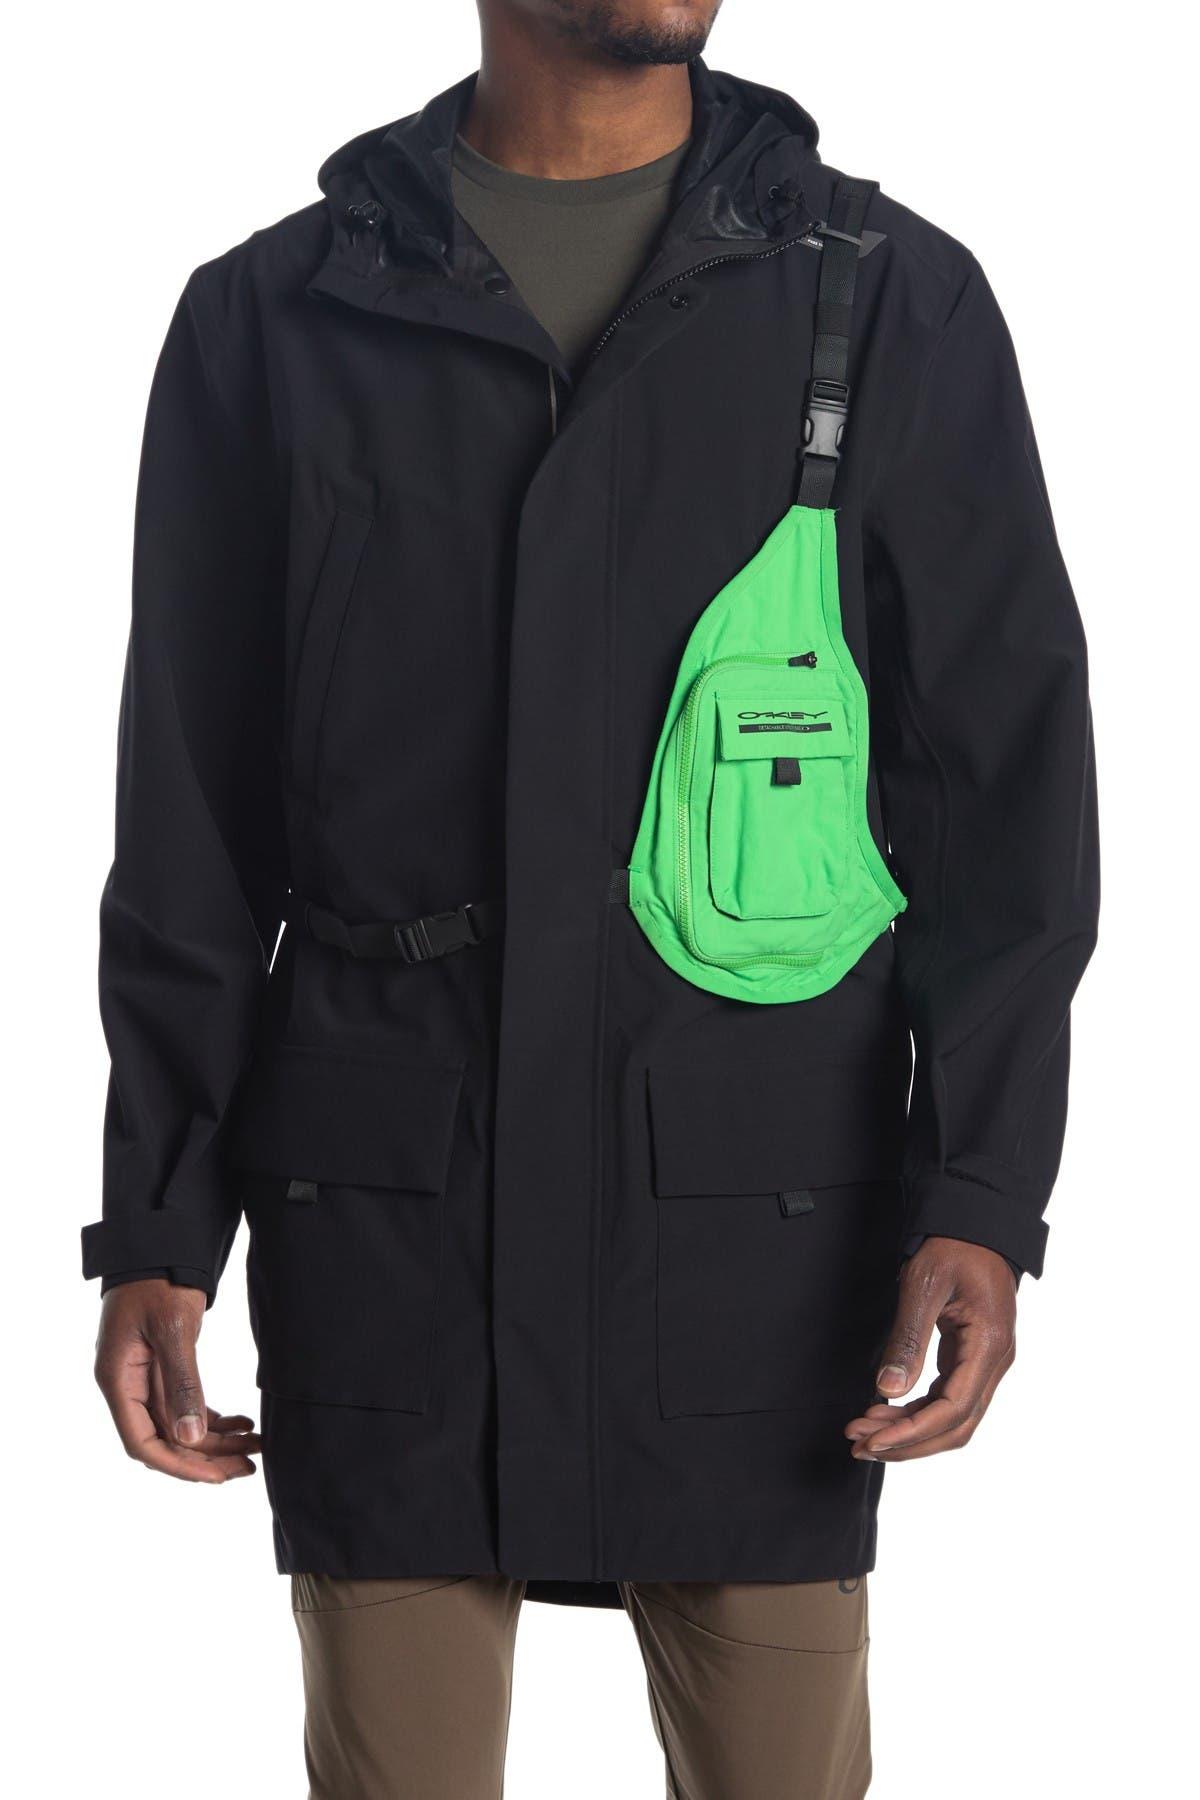 Image of Oakley Modular Belt Bag & Hooded Parka